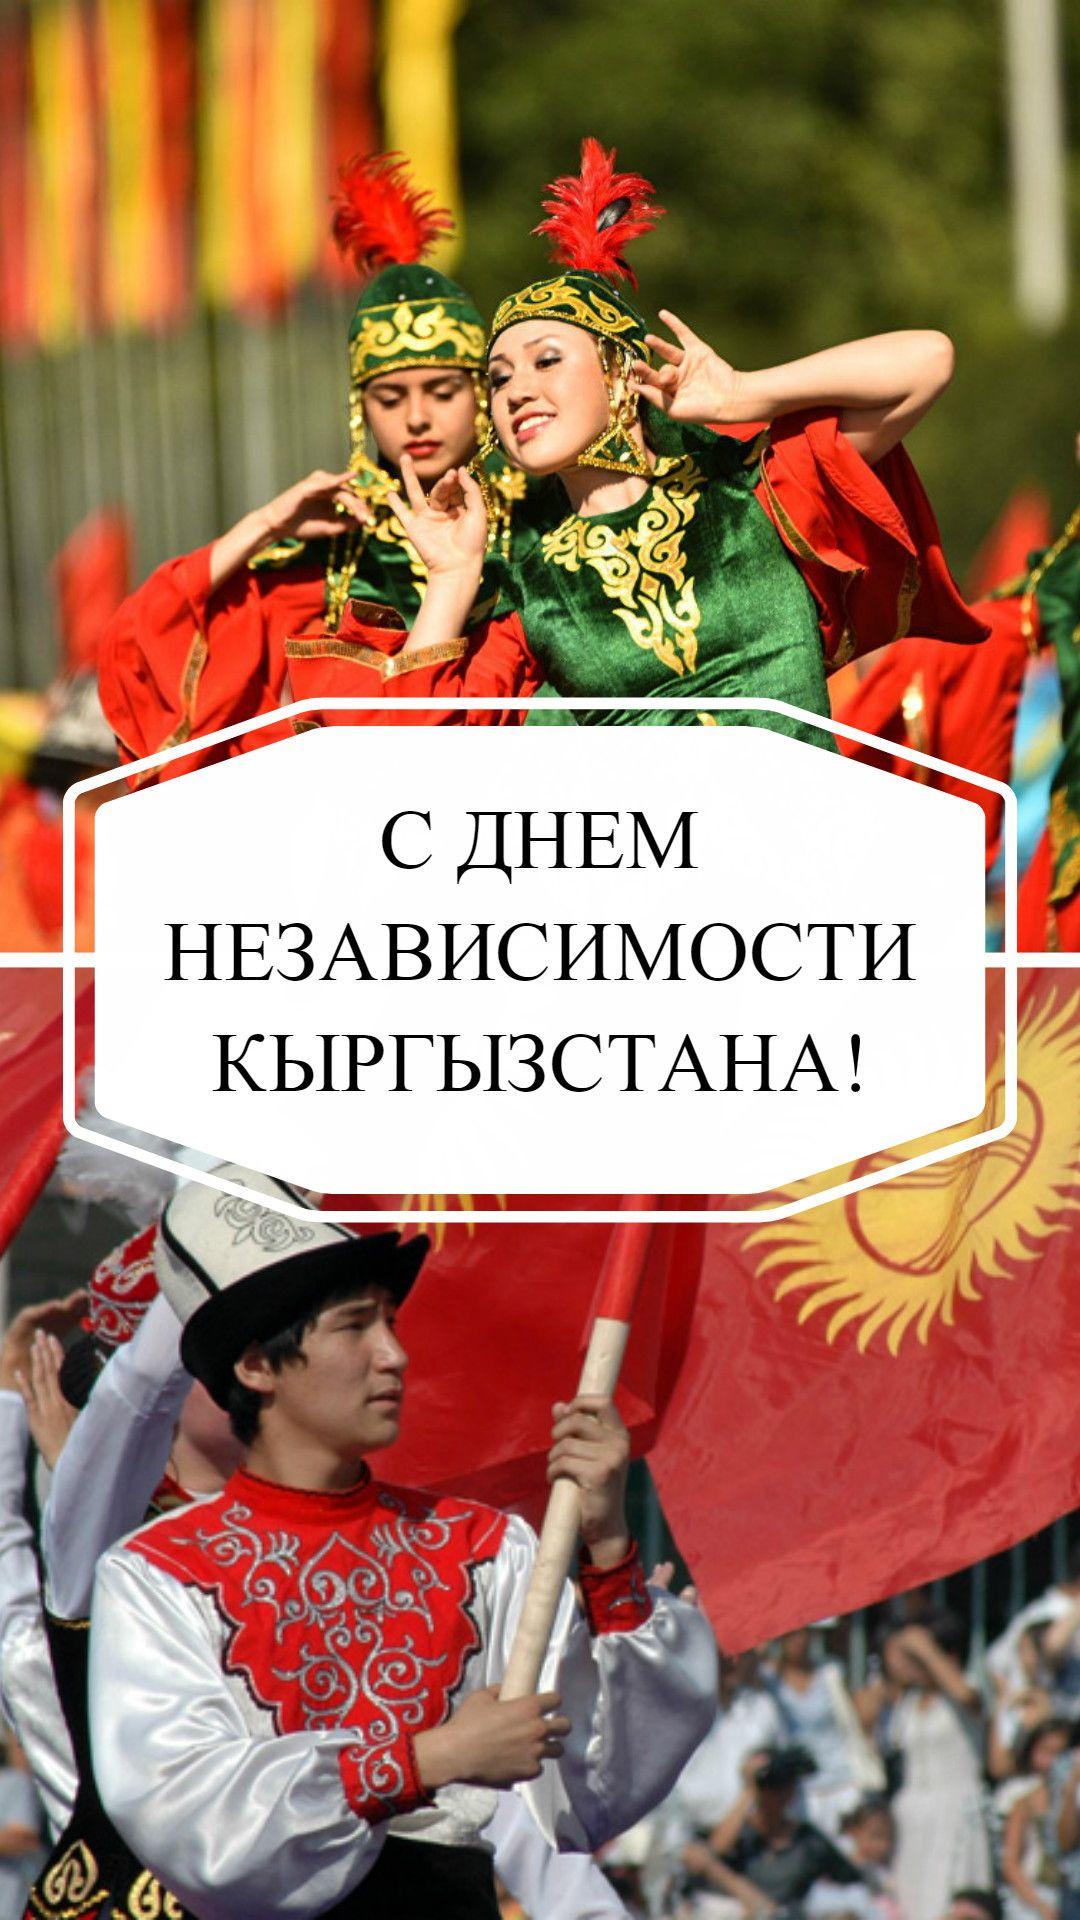 Днем рождения, открытки к дню независимости кыргызстана